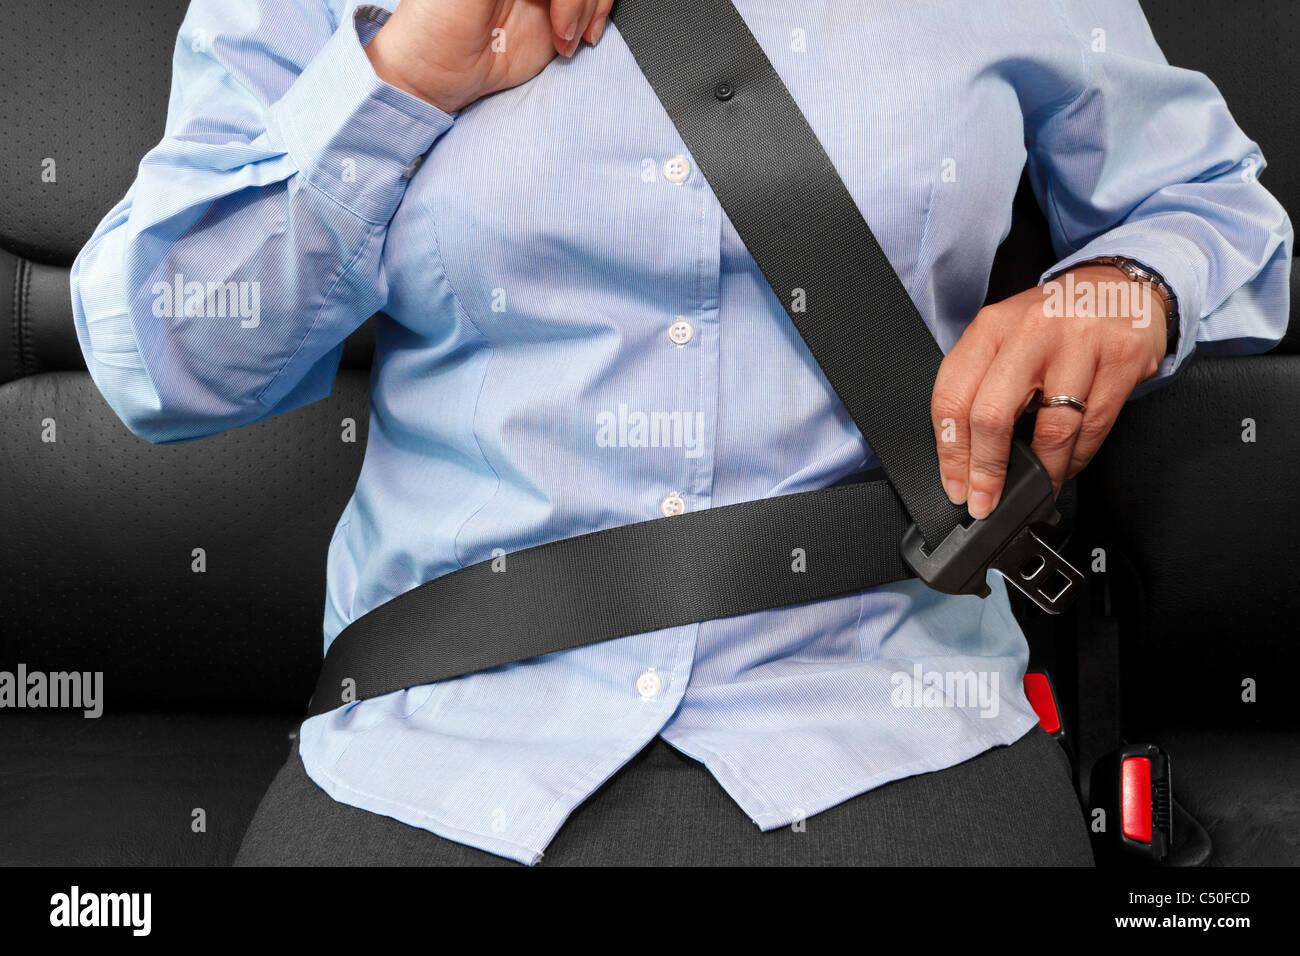 Foto von einer Business-Frau sitzen im Auto, auf ihren Sicherheitsgurt Stockbild